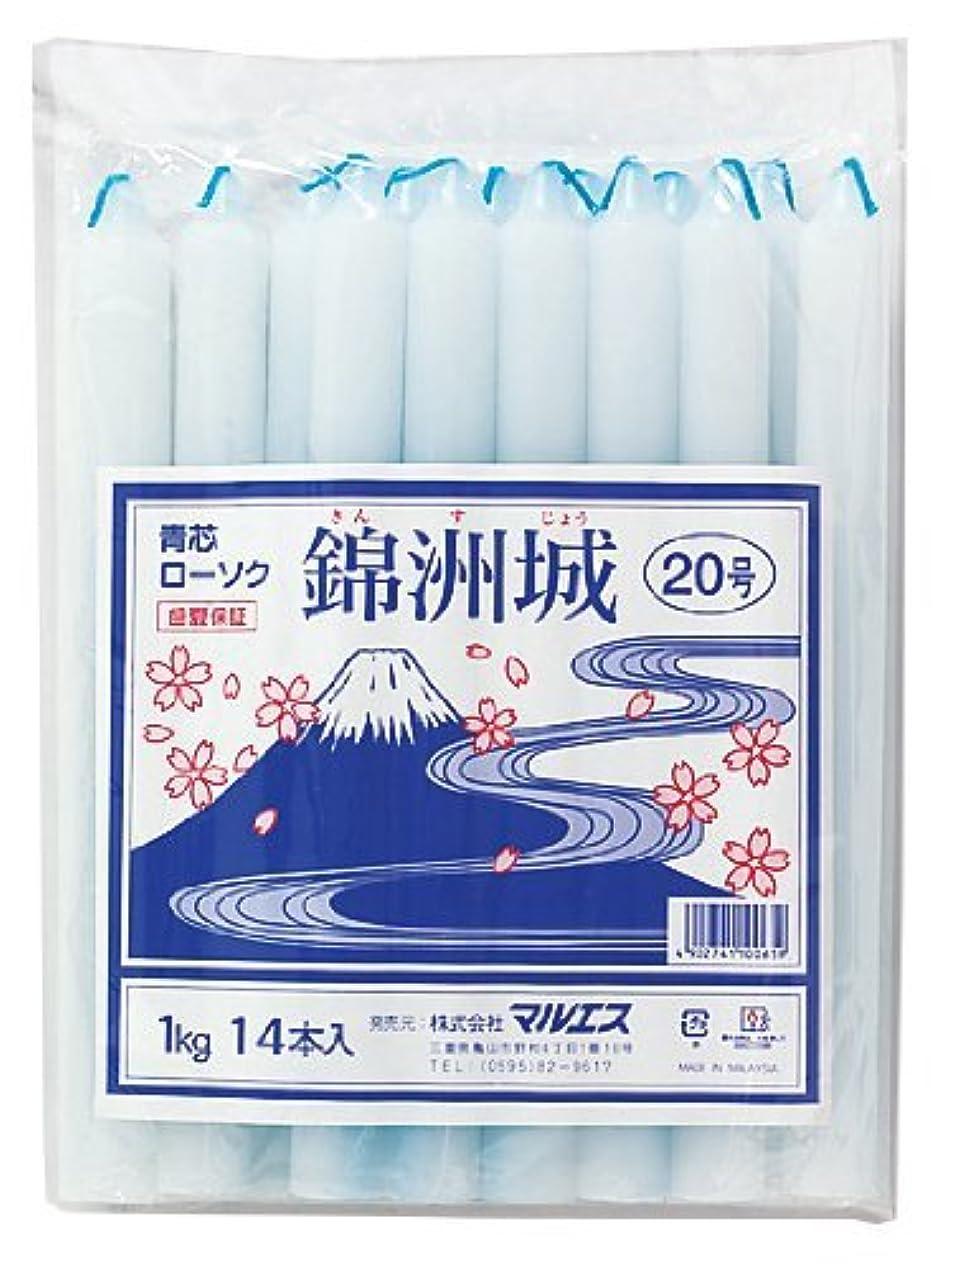 非公式第二にくつろぎマルエス 錦州城 青芯20号 1kg